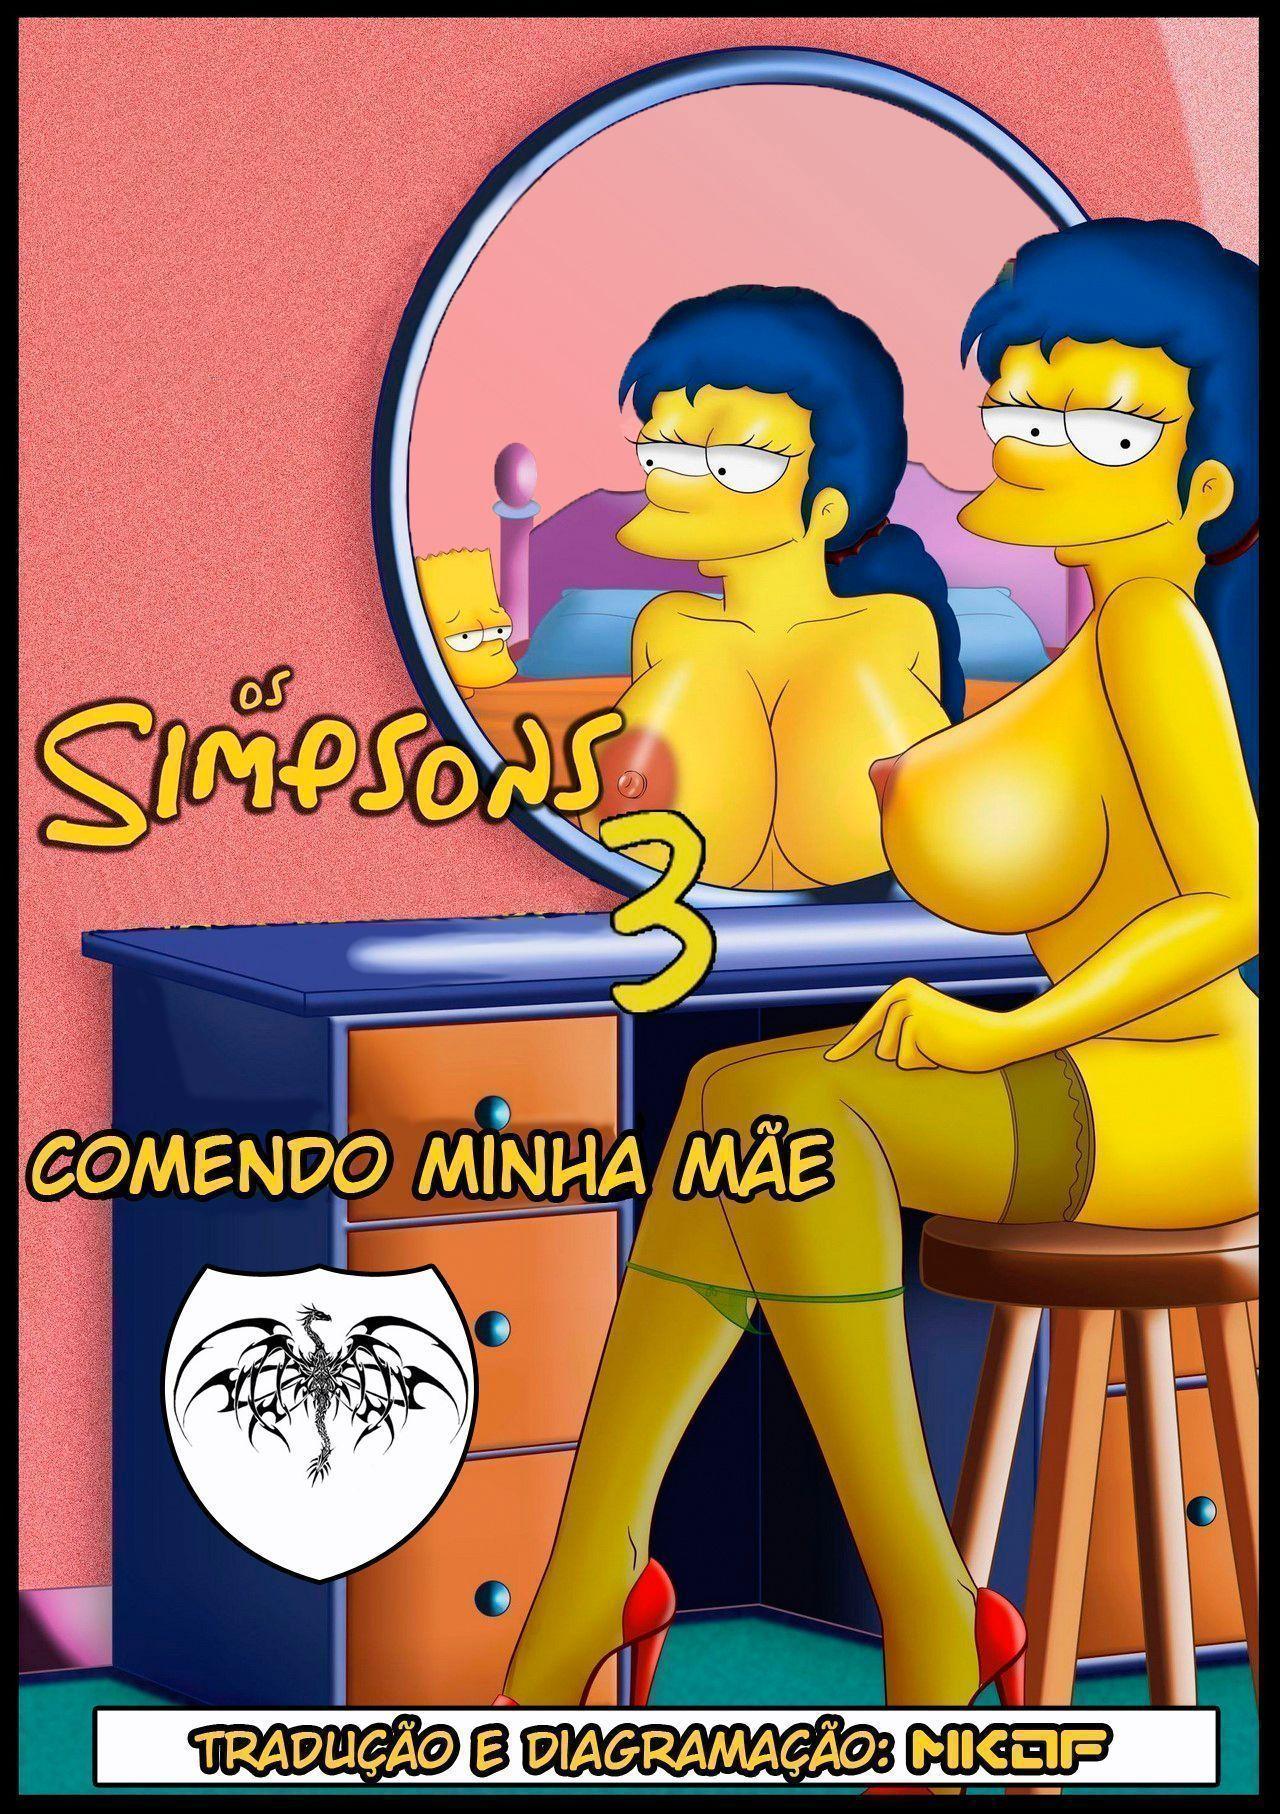 Os Simpsons em: Comendo minha mãe